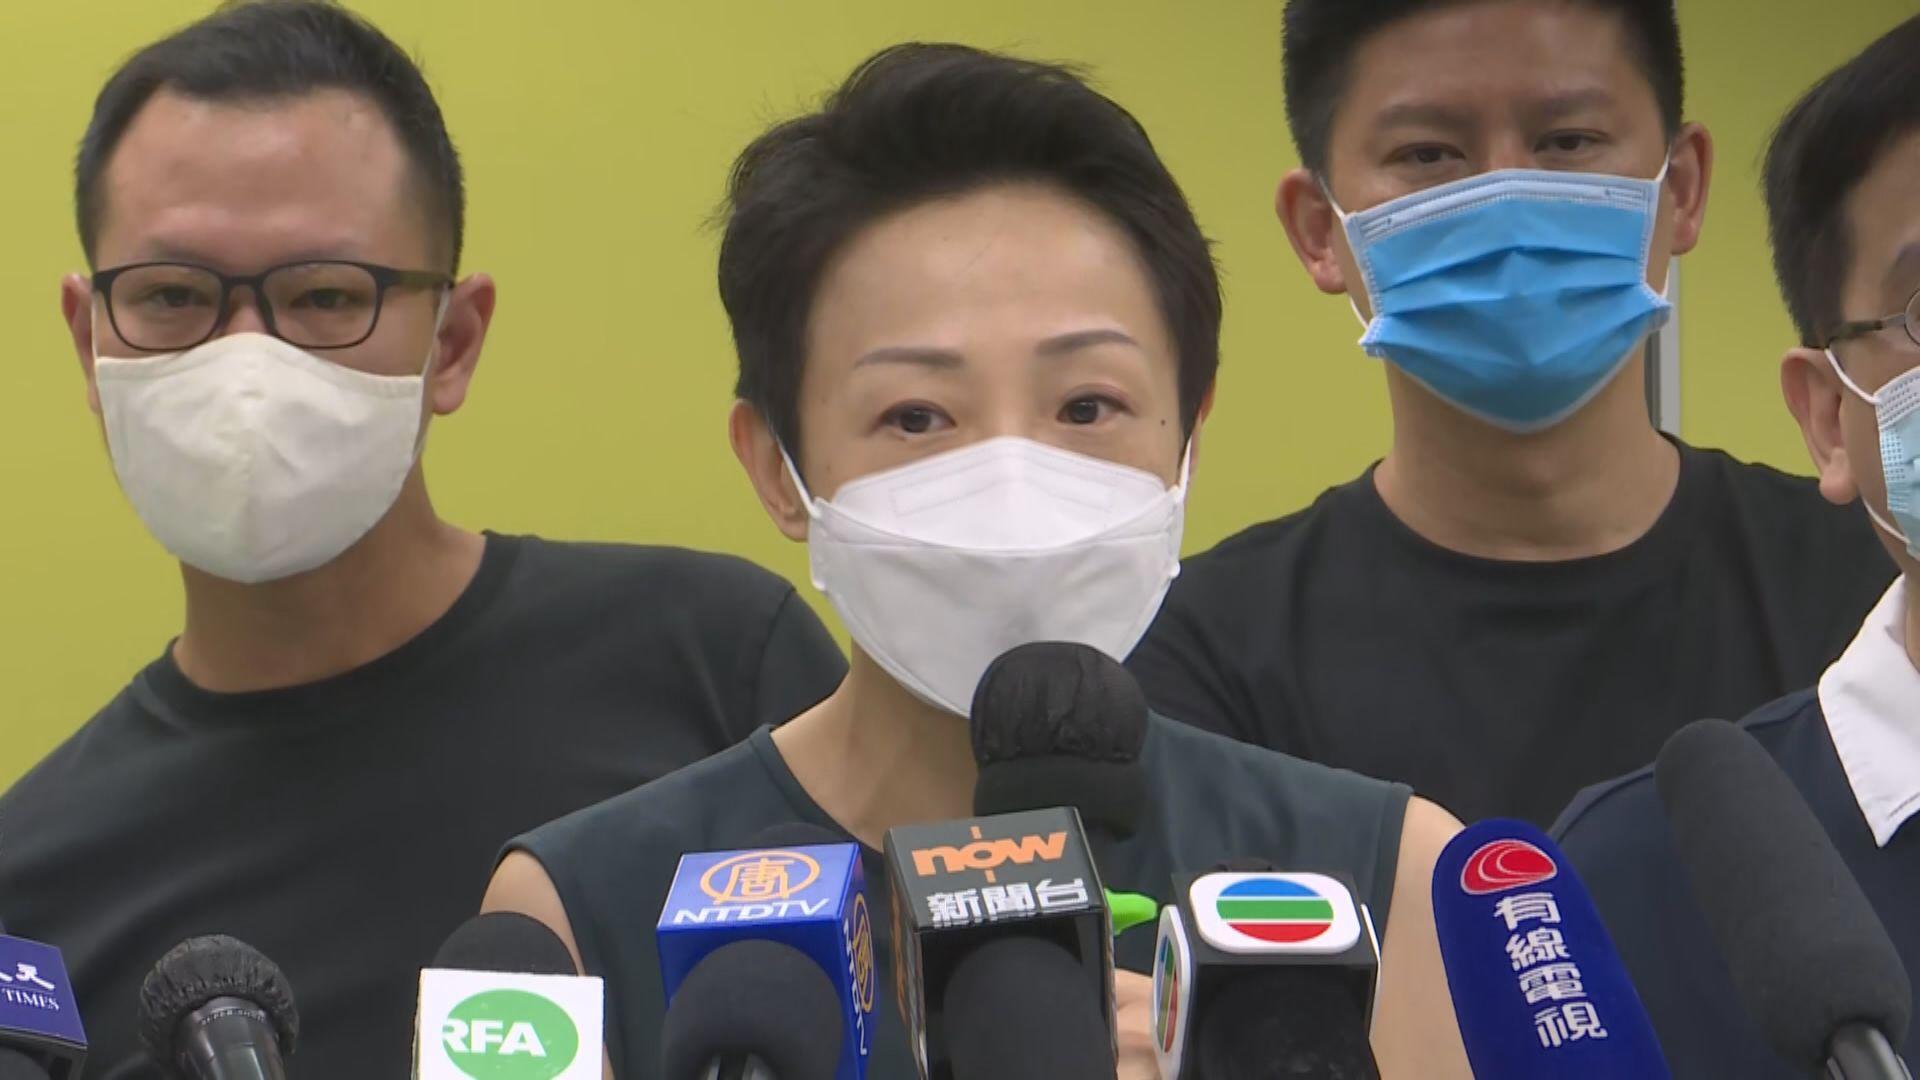 陳淑莊質疑康文署有否取得法律意見覆檢政治人物著作